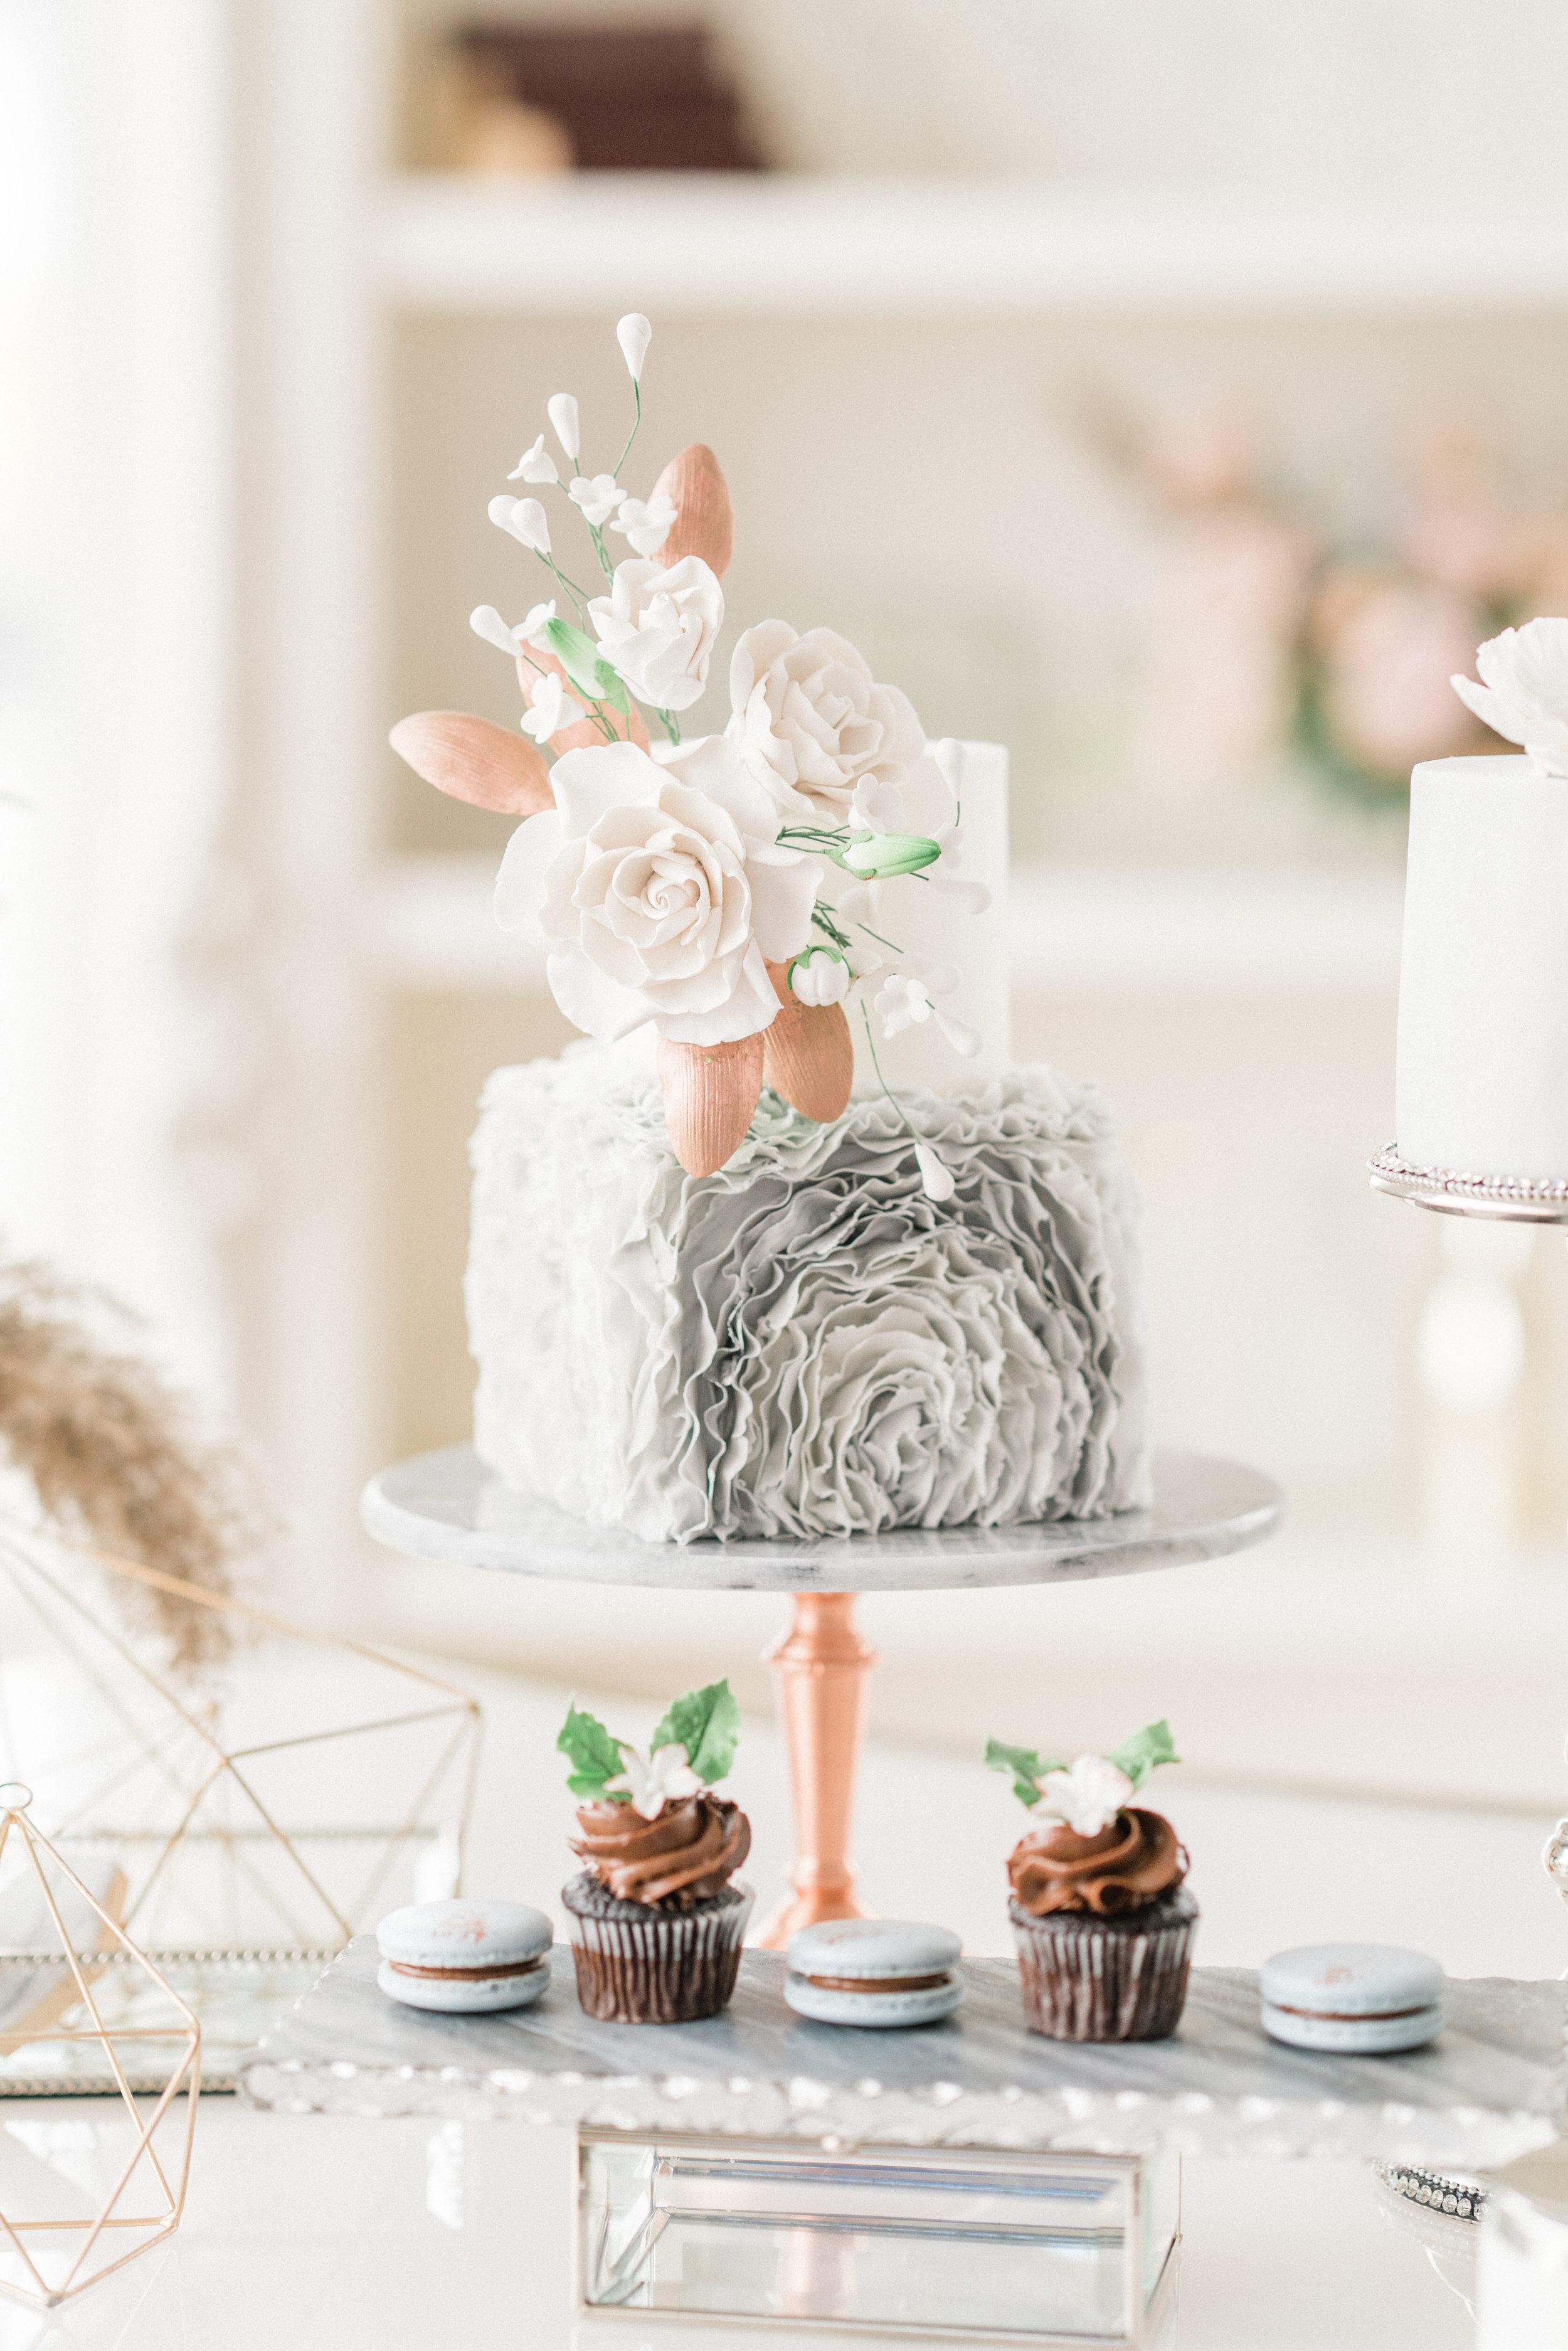 Luxe_Modern_Marble_Wedding_Photos-Rhythm_Photography-122.JPG